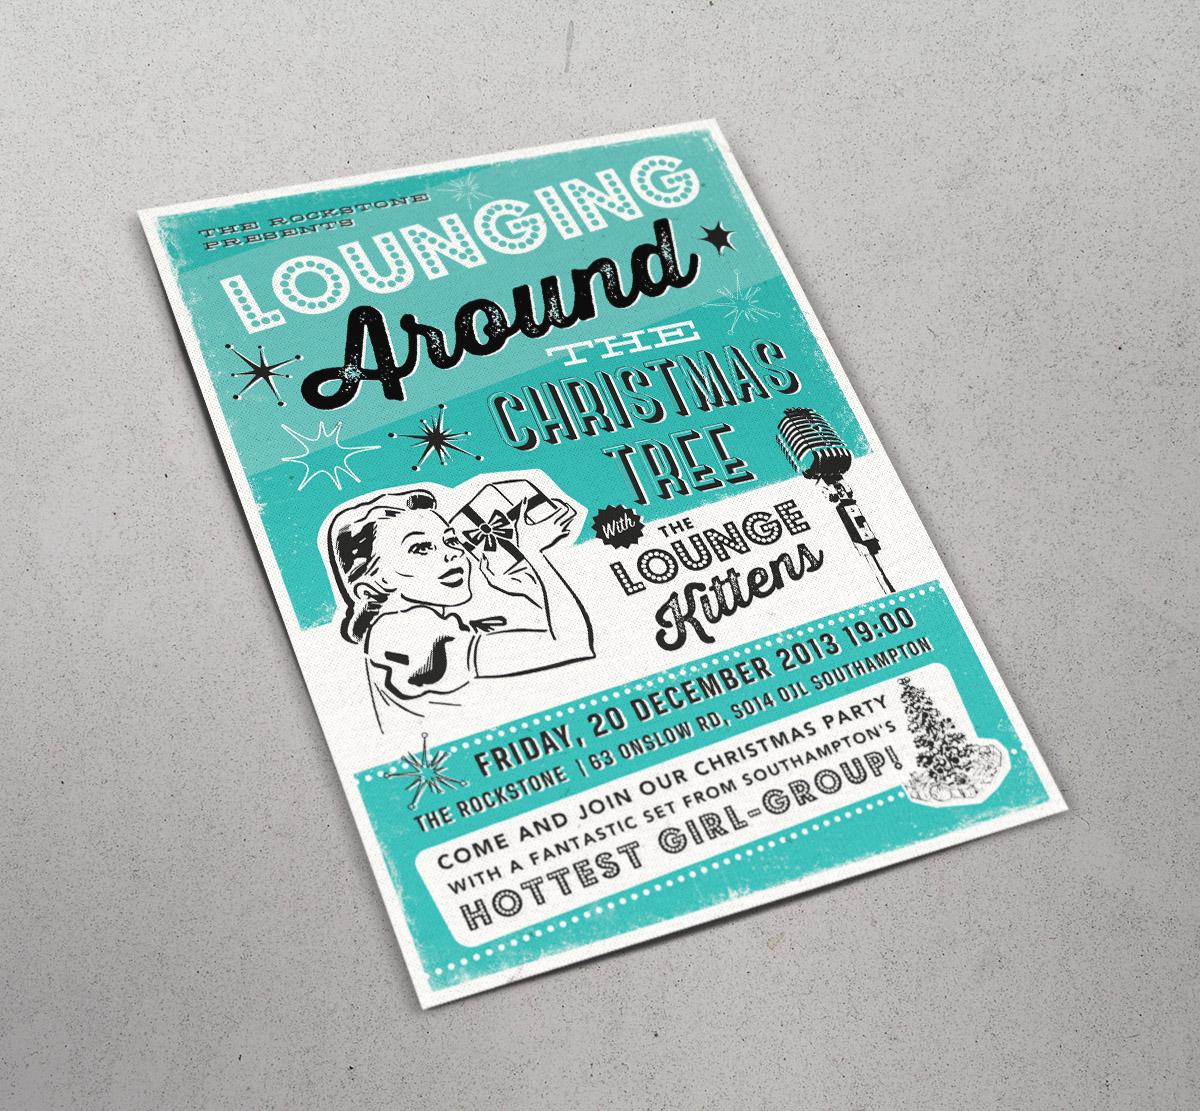 LK rockstone flyer